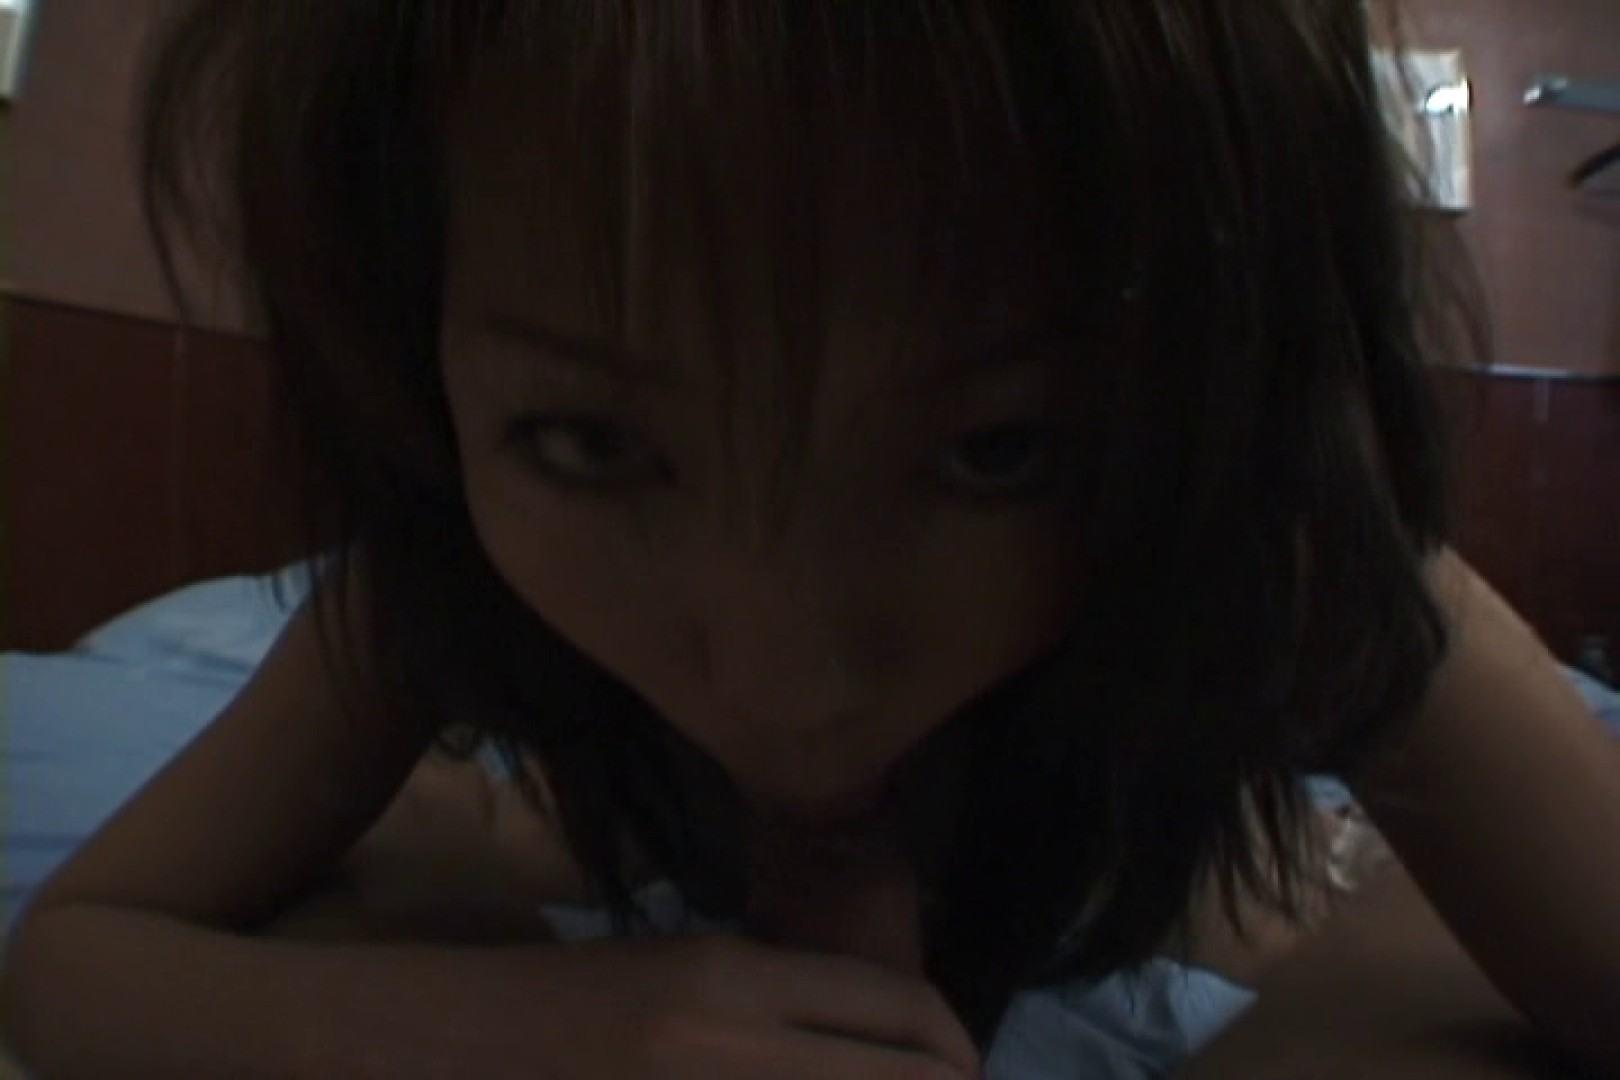 旦那との愛よりも、愛人とのSEX~片瀬梨子~vol,1 バイブプレイ セックス無修正動画無料 107pic 89